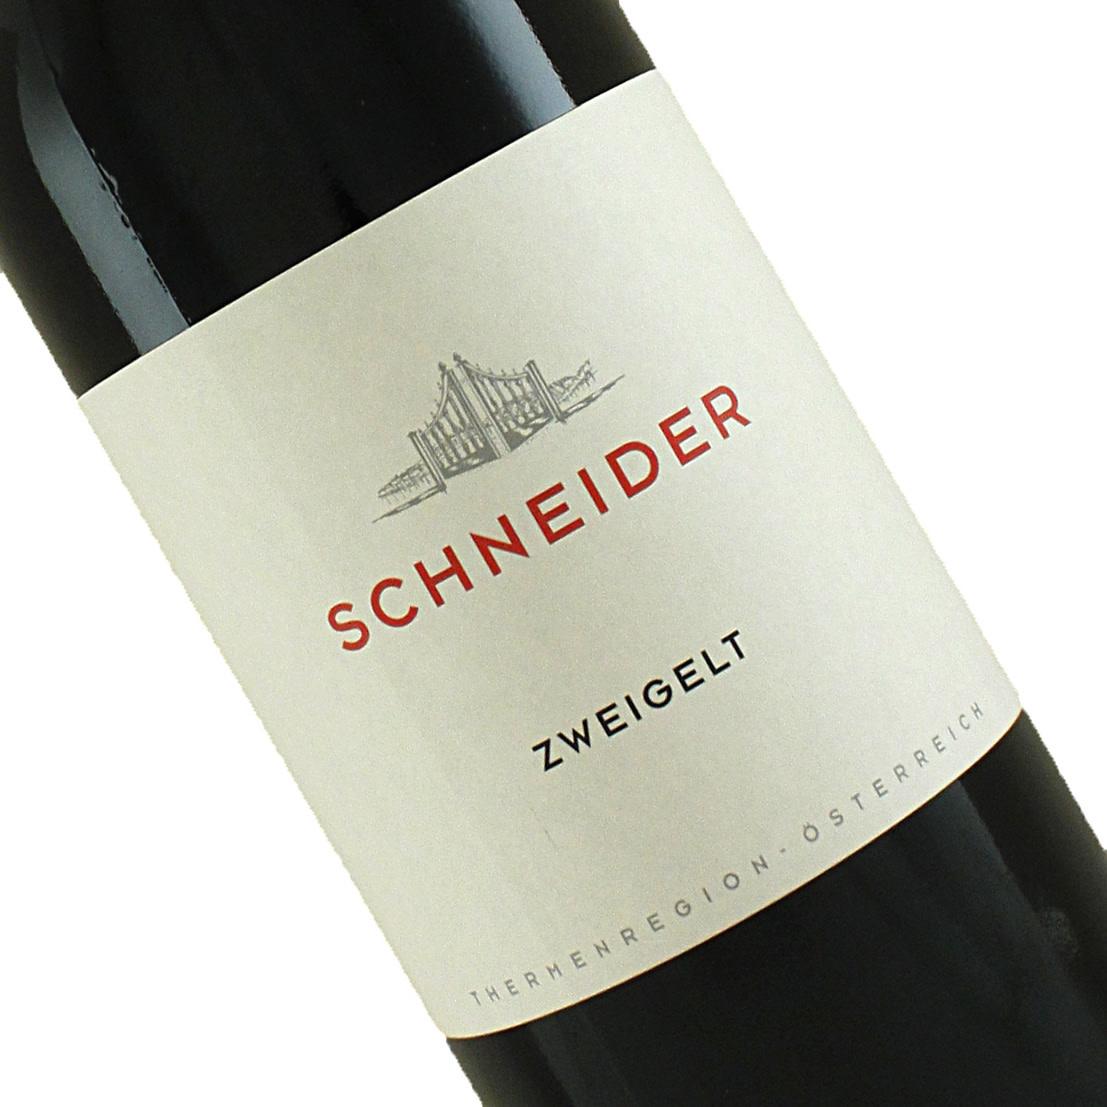 Weingut Schneider 2017 Zweigelt, Austria